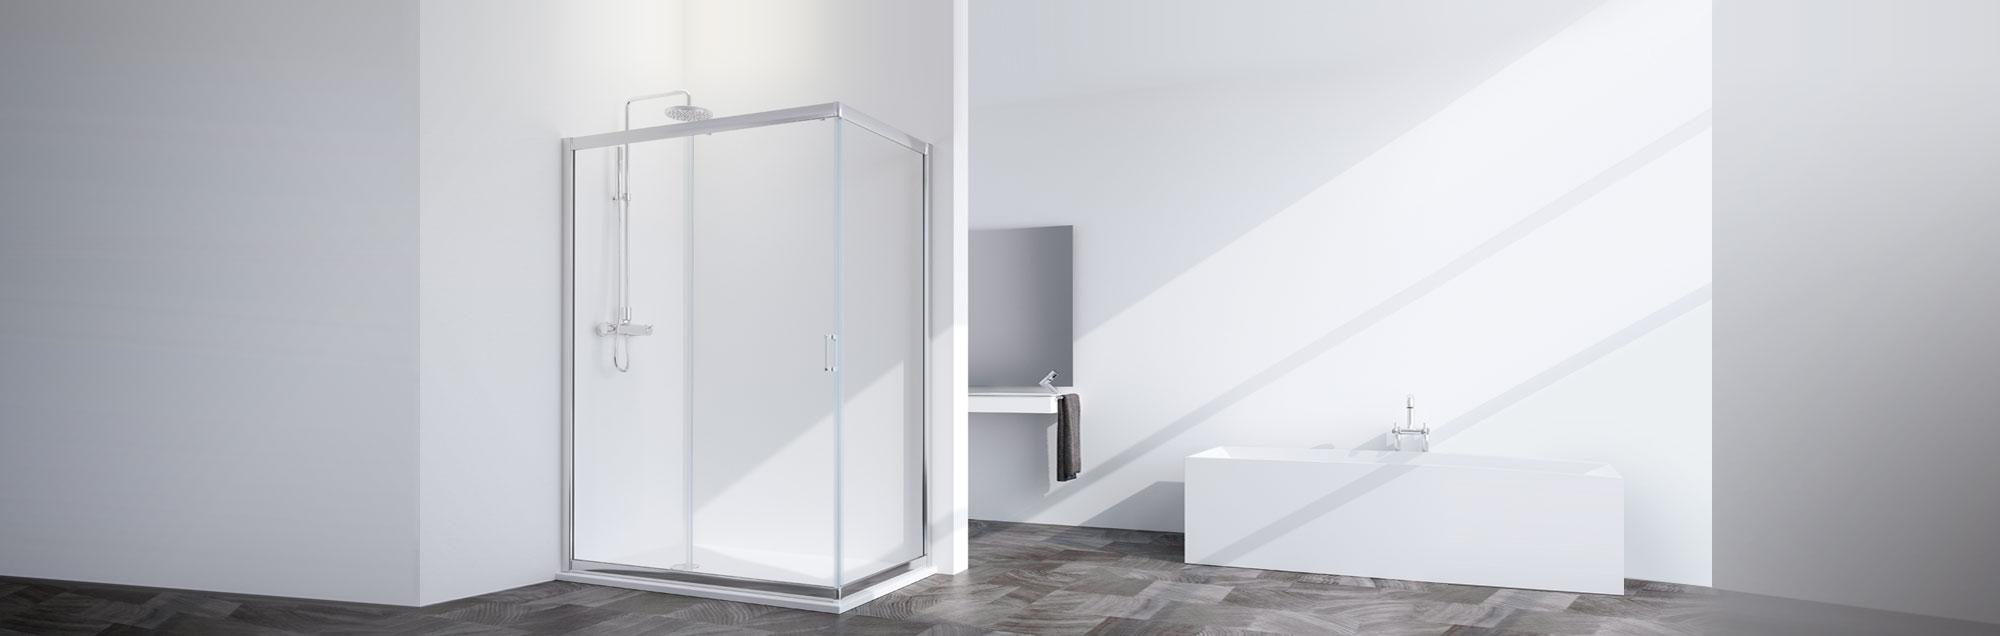 Serie Spring de mamparas standard de baño a medida